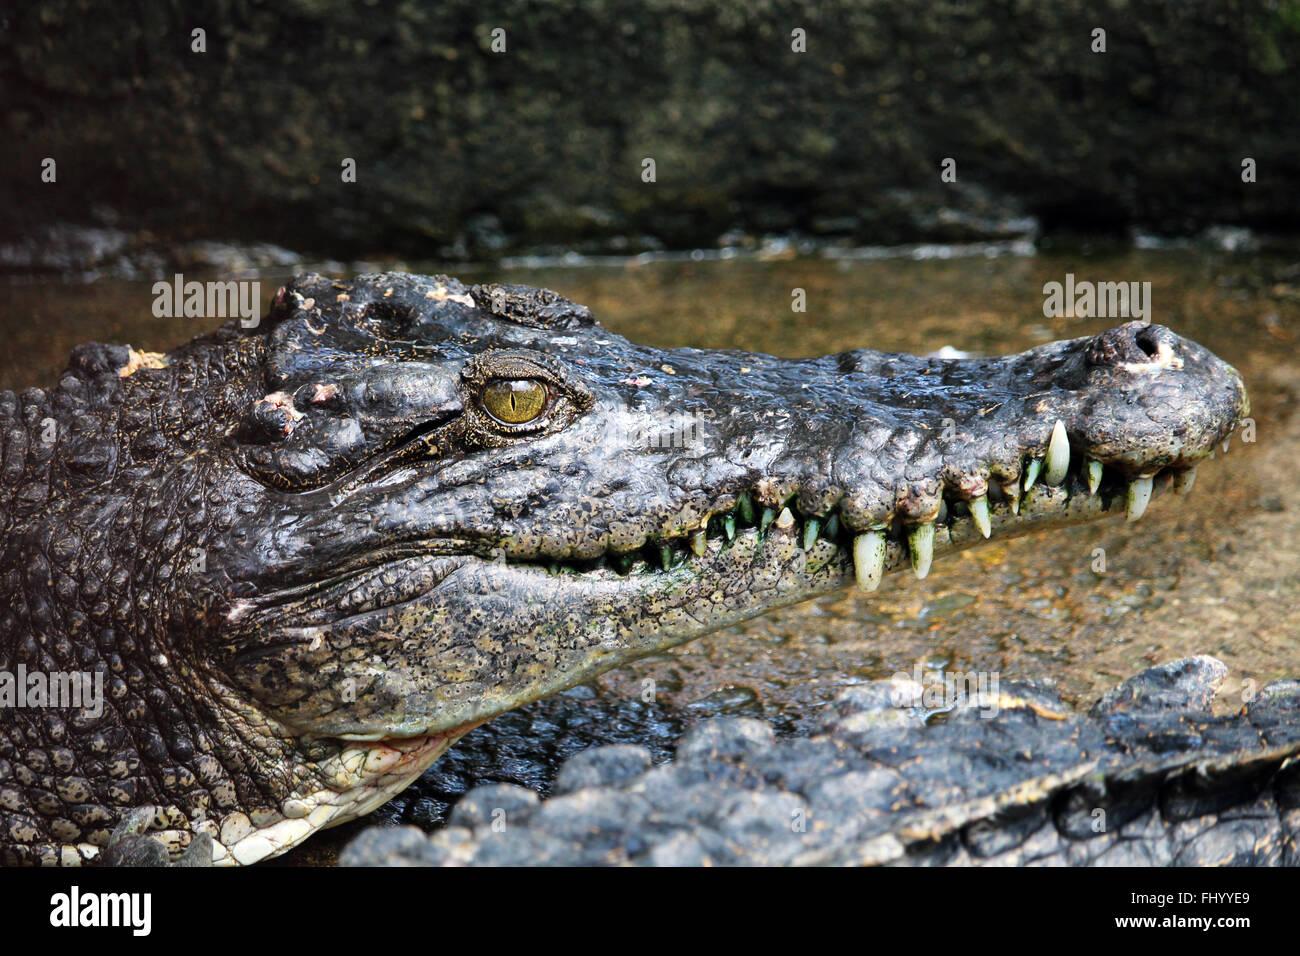 MIRI/MALAYSIA - 24. November 2015: ein kleines Krokodil mit großen Zähnen in Borneo Stockbild